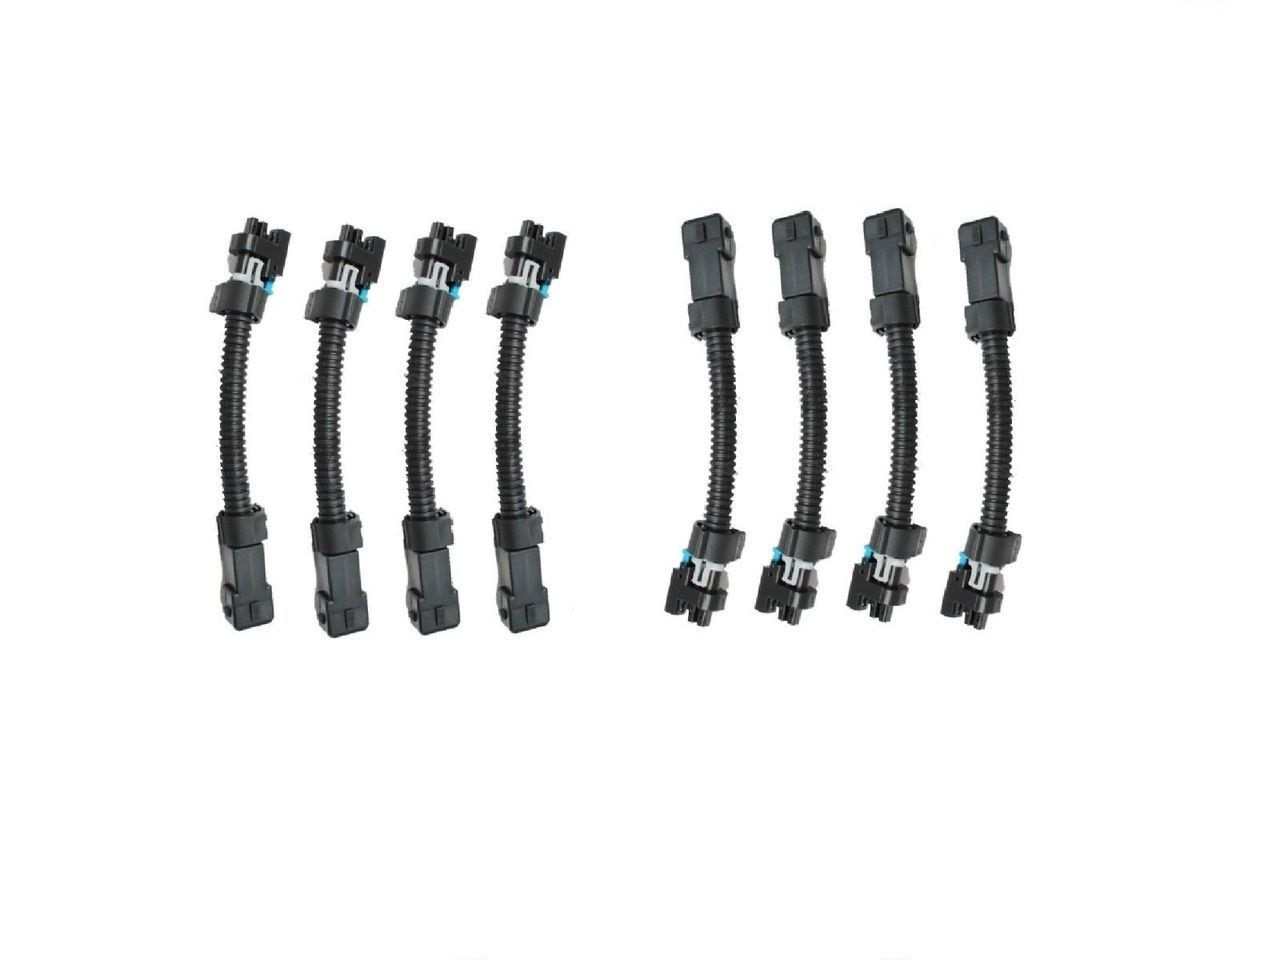 LS1 LS6 LT1 EV1 vehicle Injector Harness adapter to LQ4, LQ9 4 8 5 3 6 0  Delphi Truck Fuel Injectors